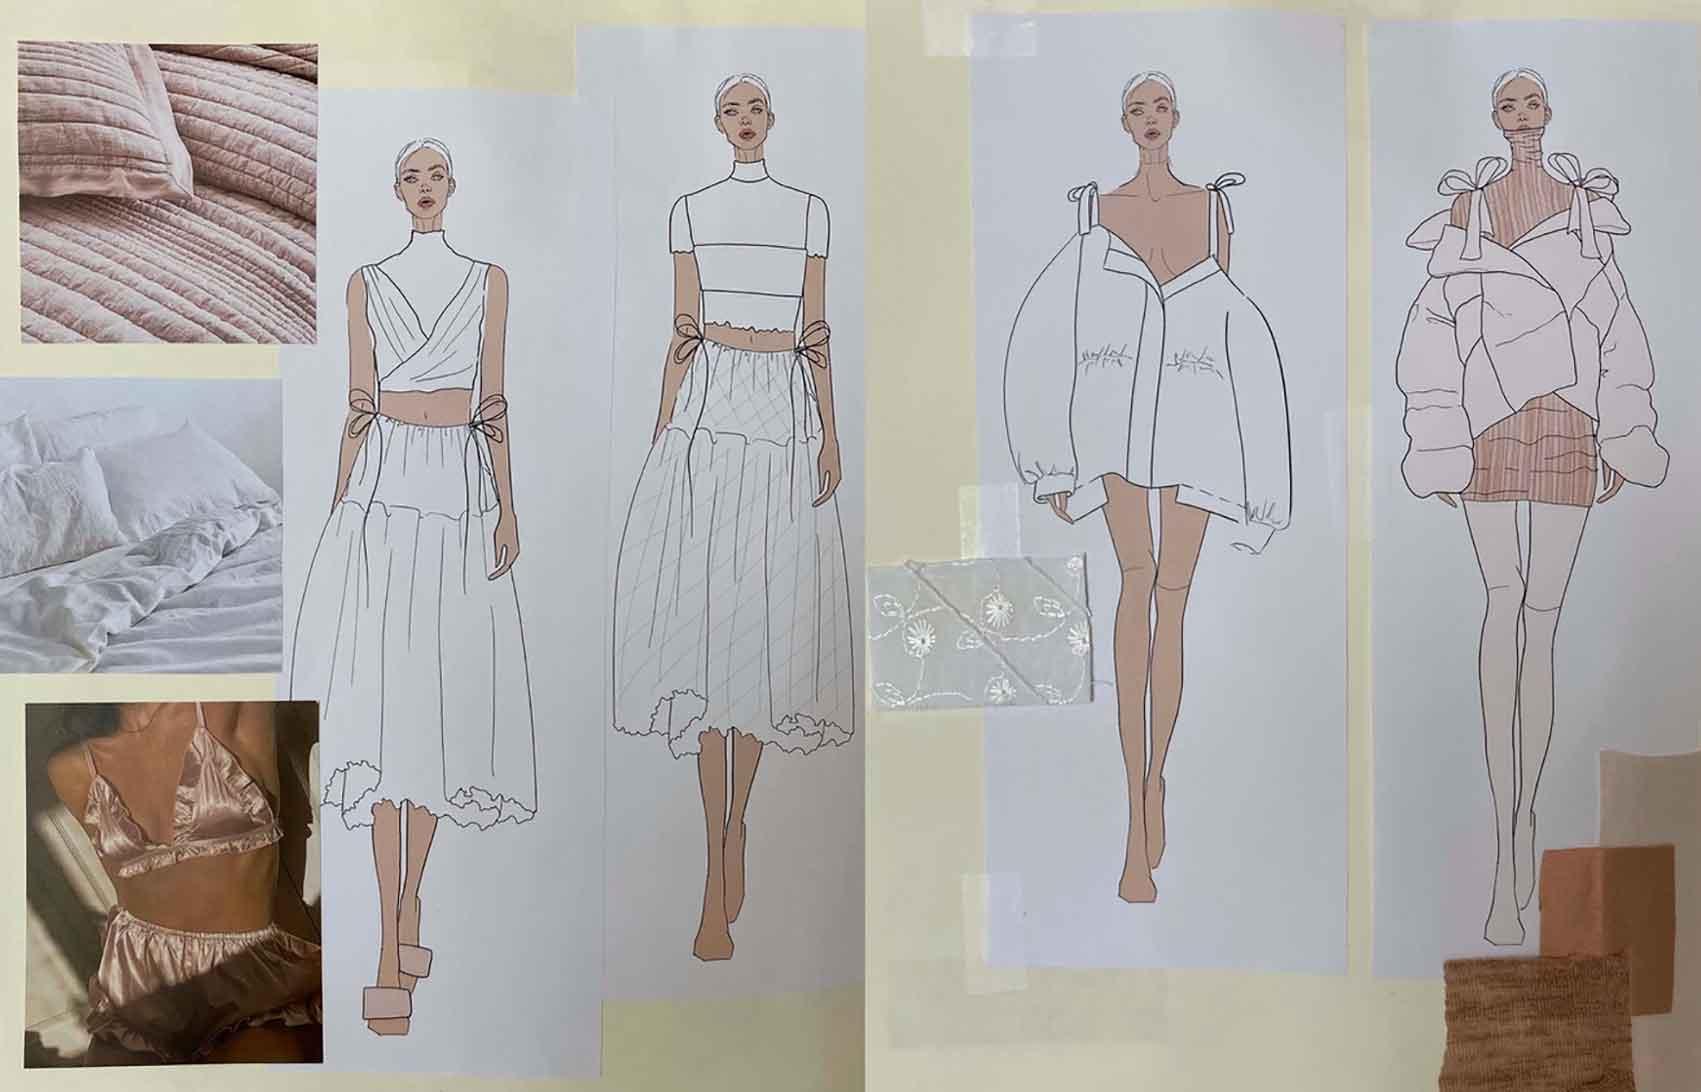 אן-דהאן-קולקציית-גמר-שנקר-טרנדים-אופנה-מגזין-אופנה-ישראלי